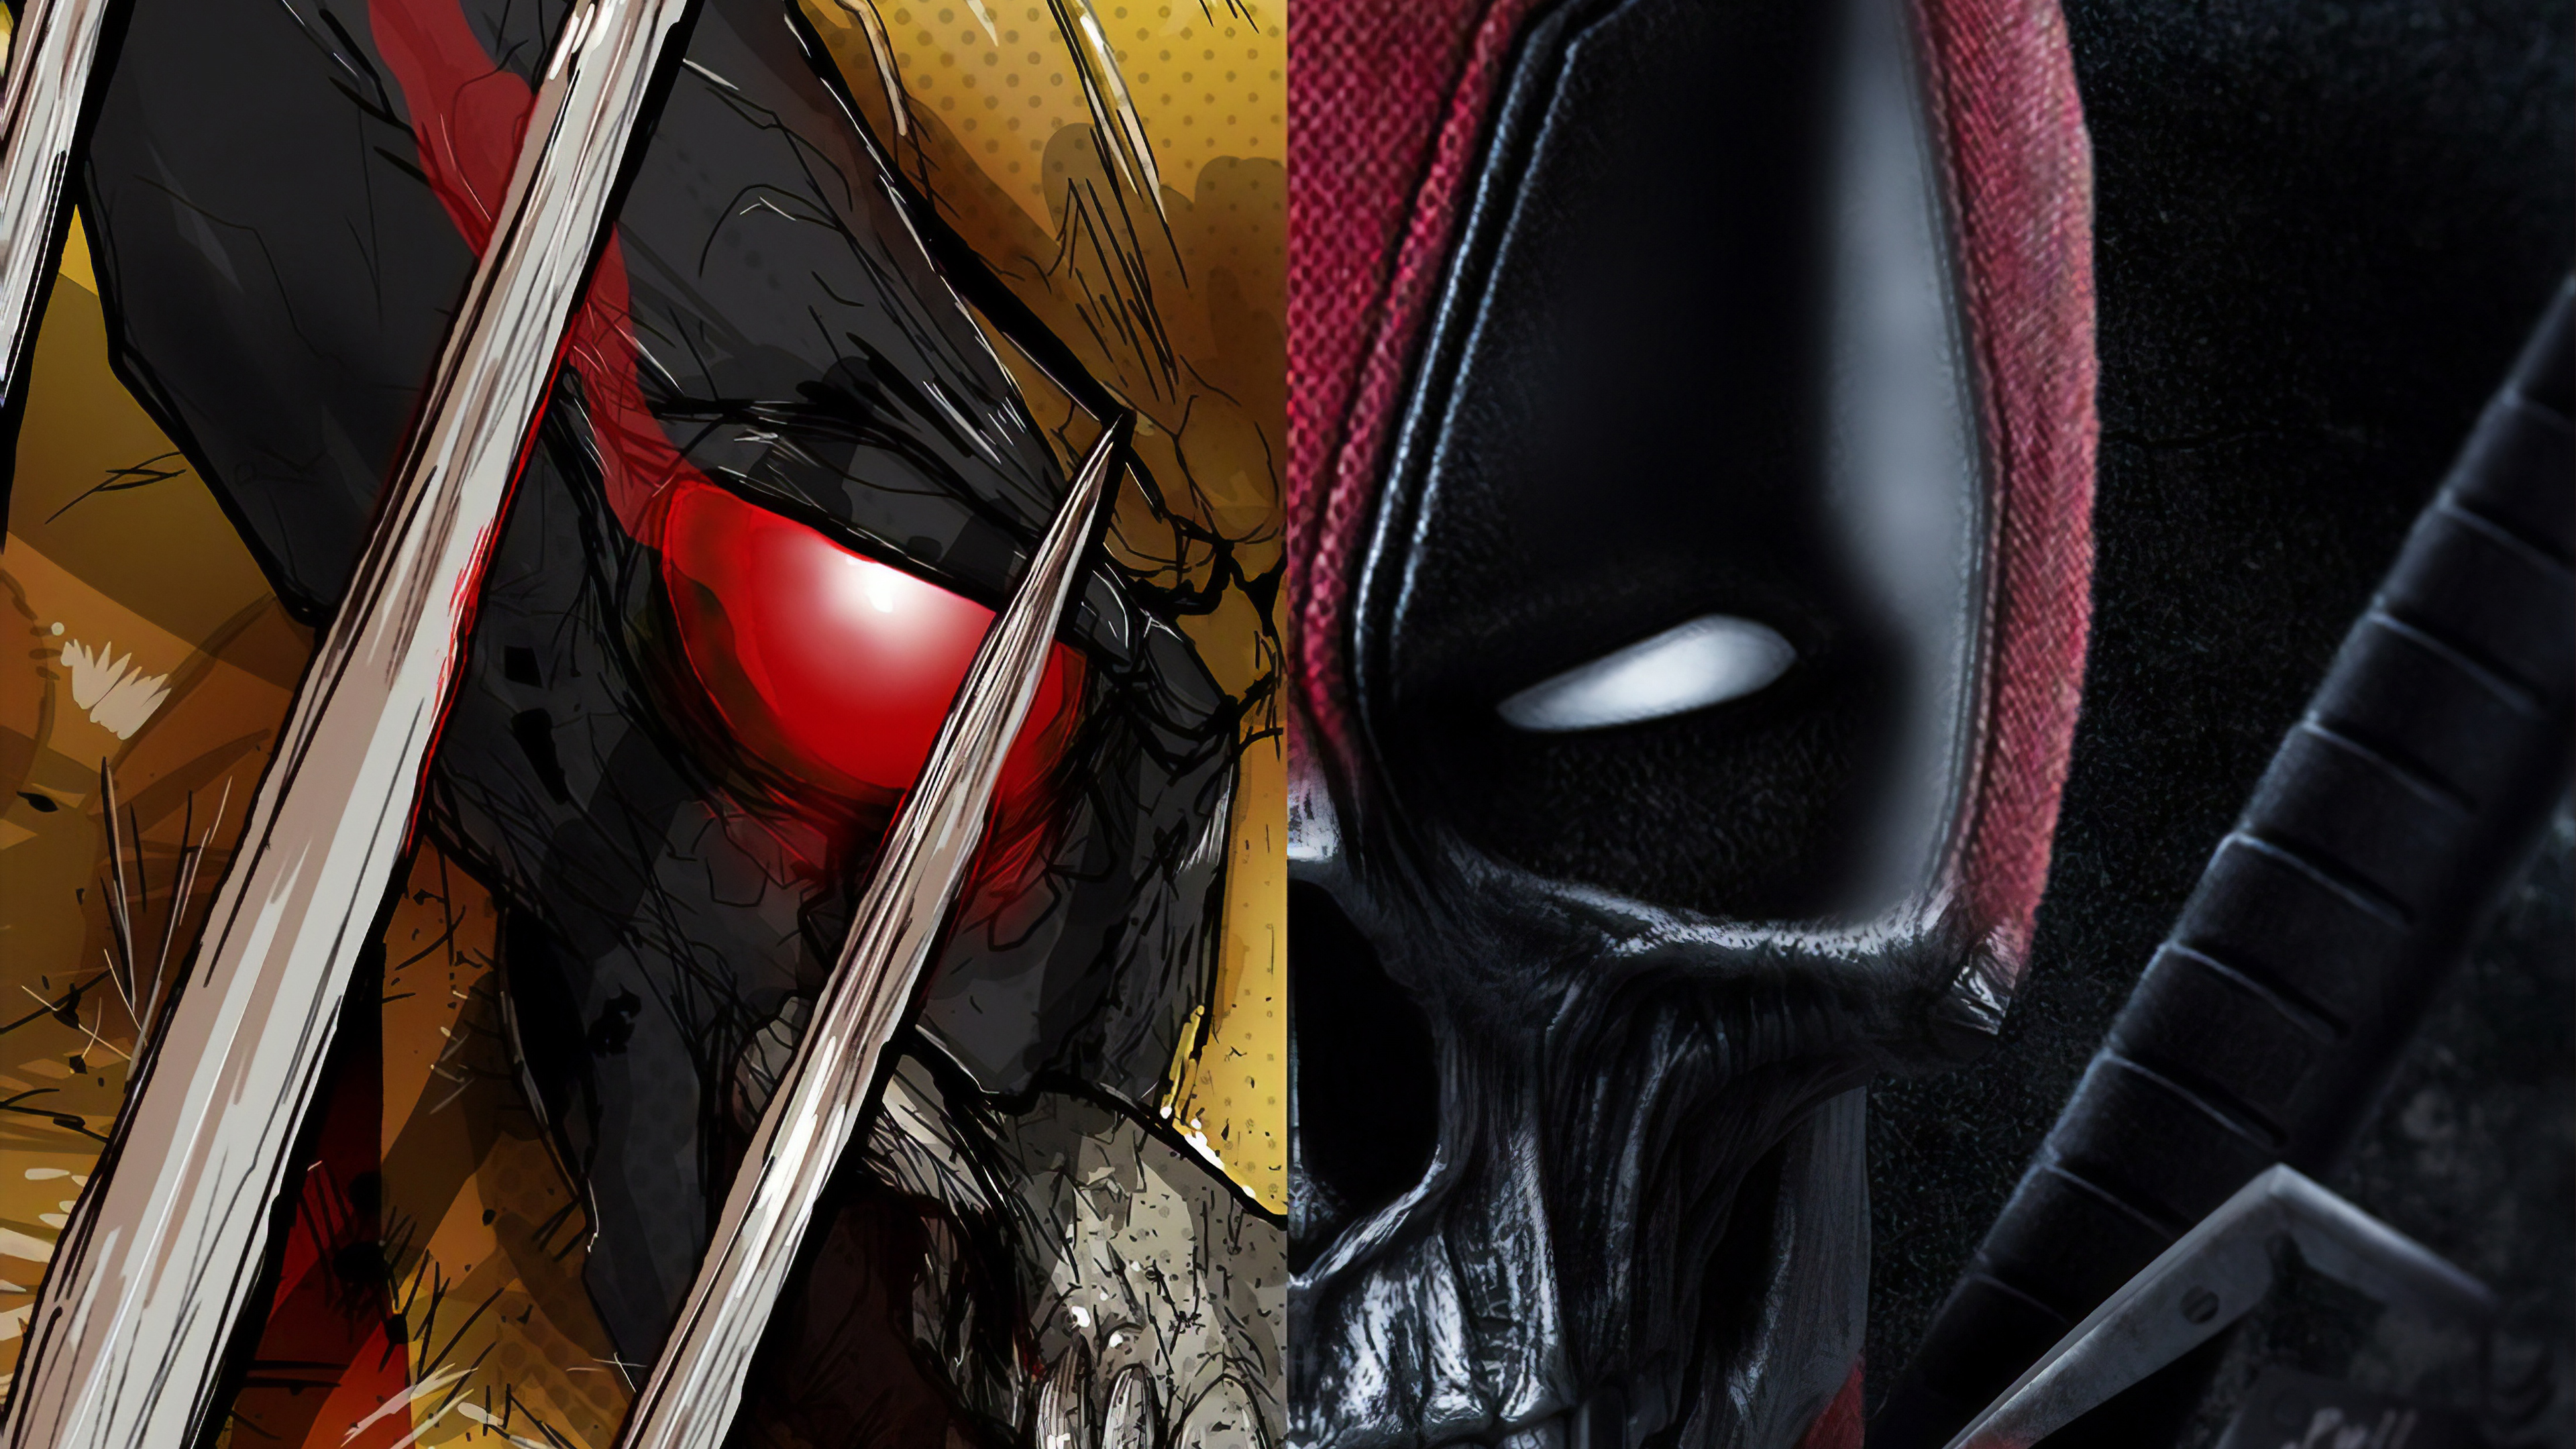 wolverine x deadpool 1570394557 - Wolverine X Deadpool - wolverine wallpapers, superheroes wallpapers, hd-wallpapers, digital art wallpapers, deadpool wallpapers, artwork wallpapers, artist wallpapers, 4k-wallpapers